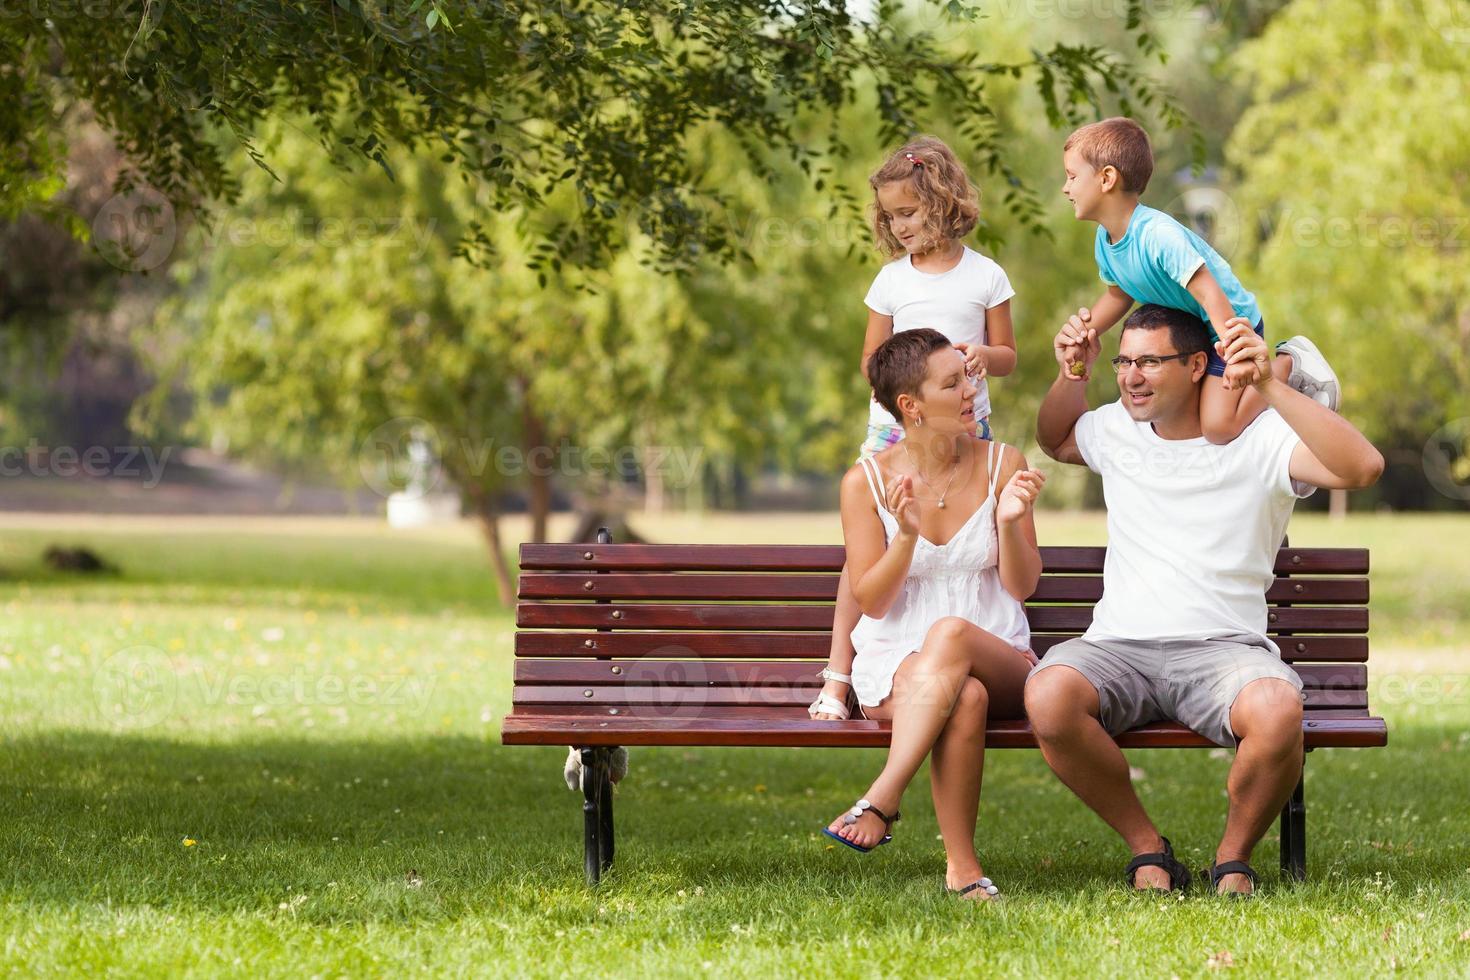 jong gezin plezier in park foto